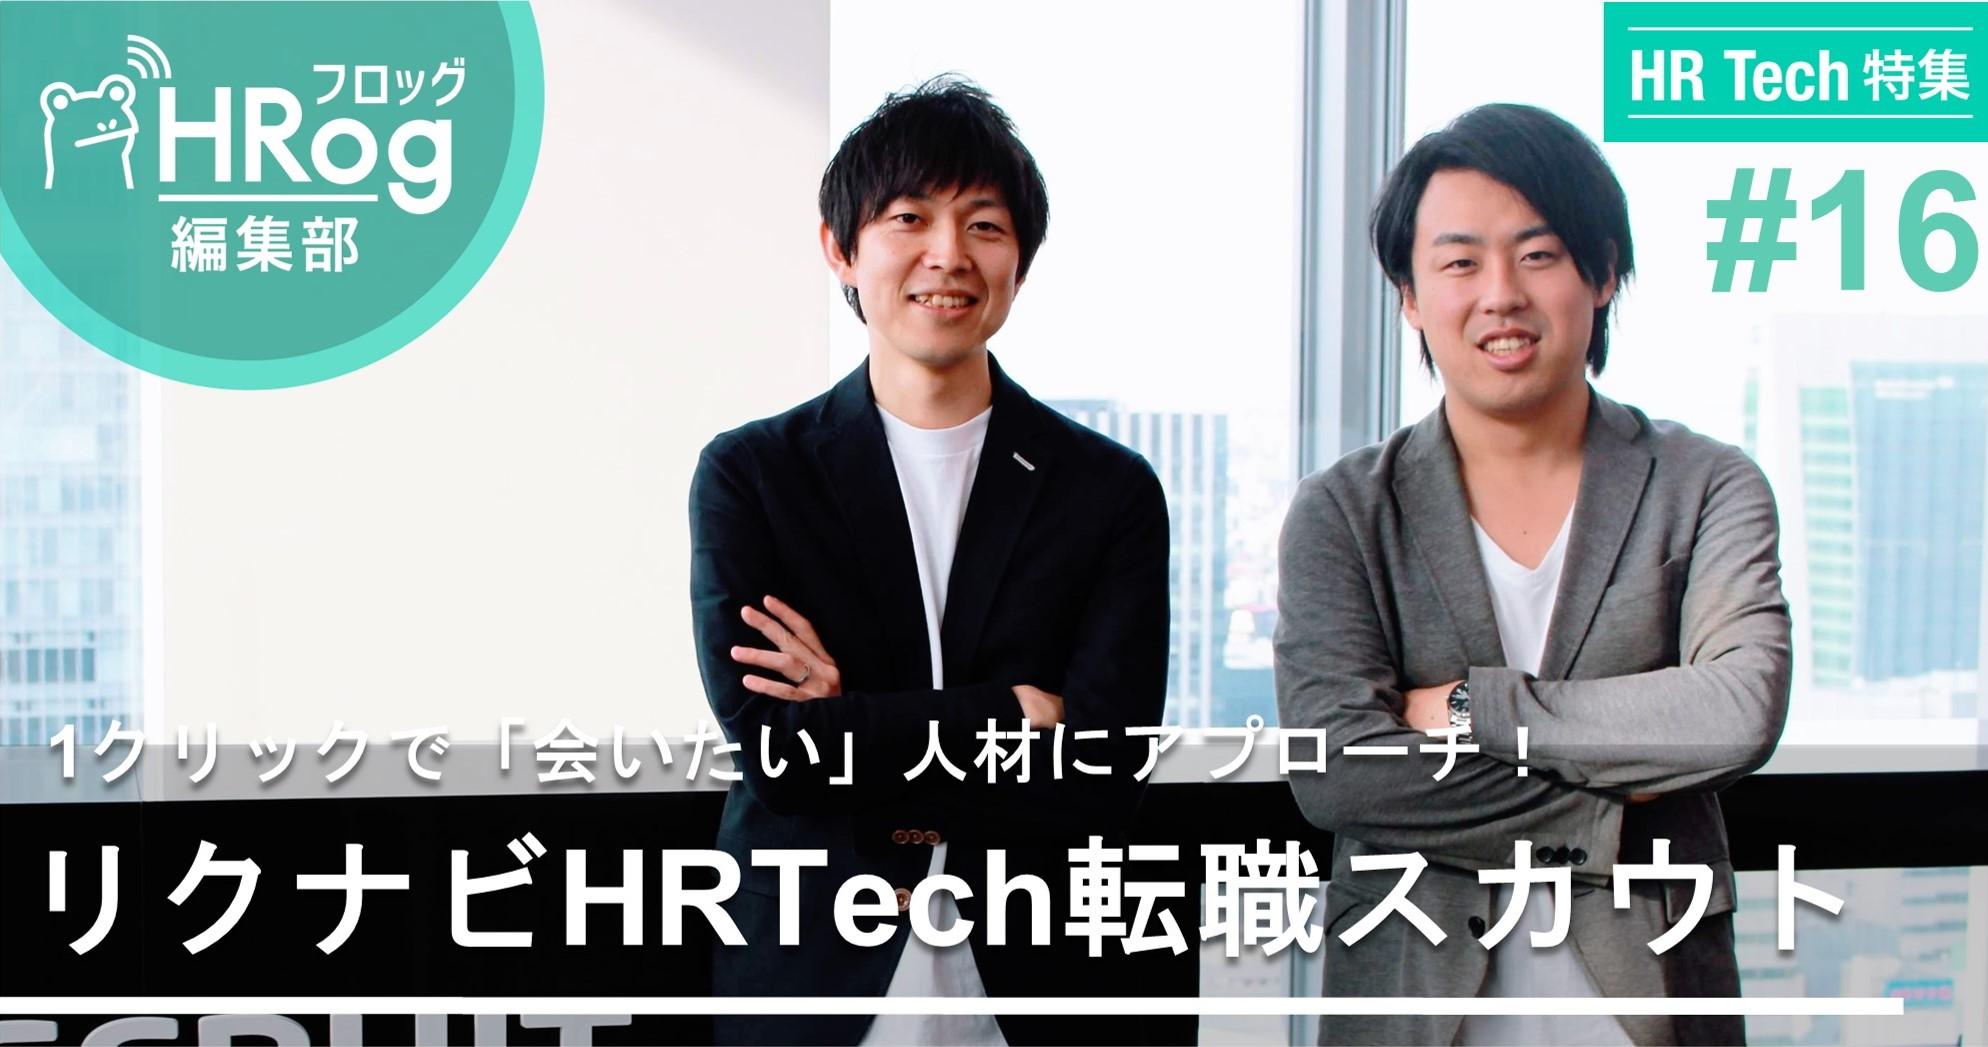 【HR Tech特集】中小企業が自社に合った人材に出会うために超えなければいけない3つの壁。「AI×人」で解決するHR Tech活用術